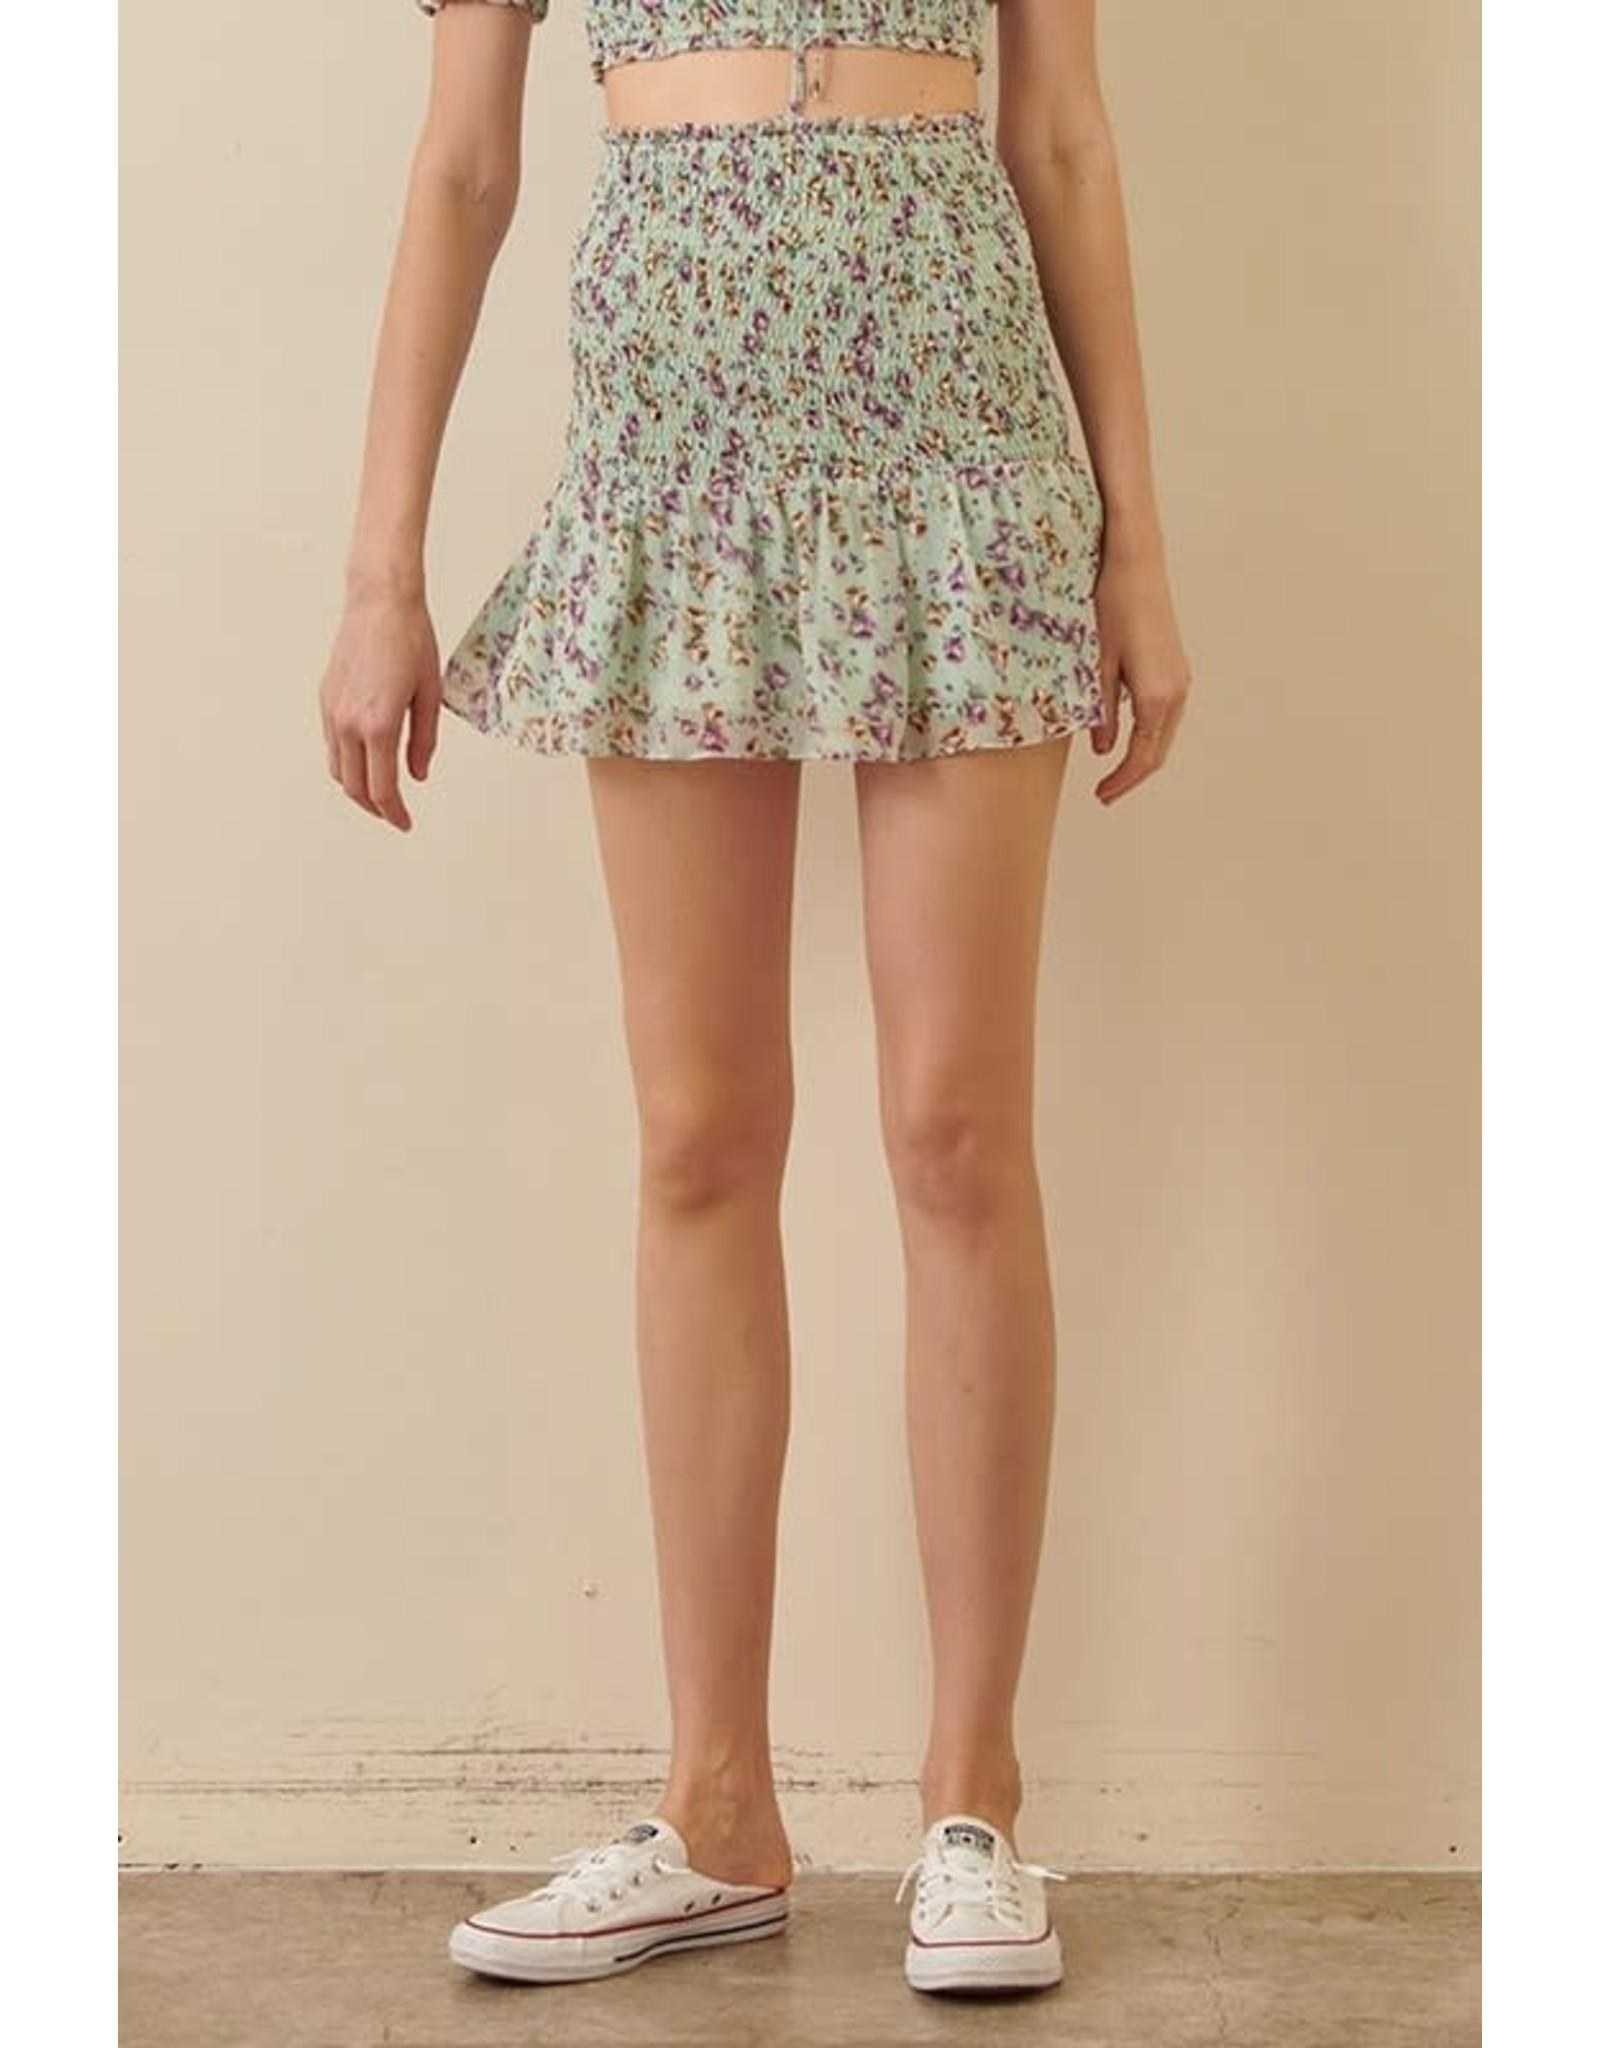 Little Flower Skirt